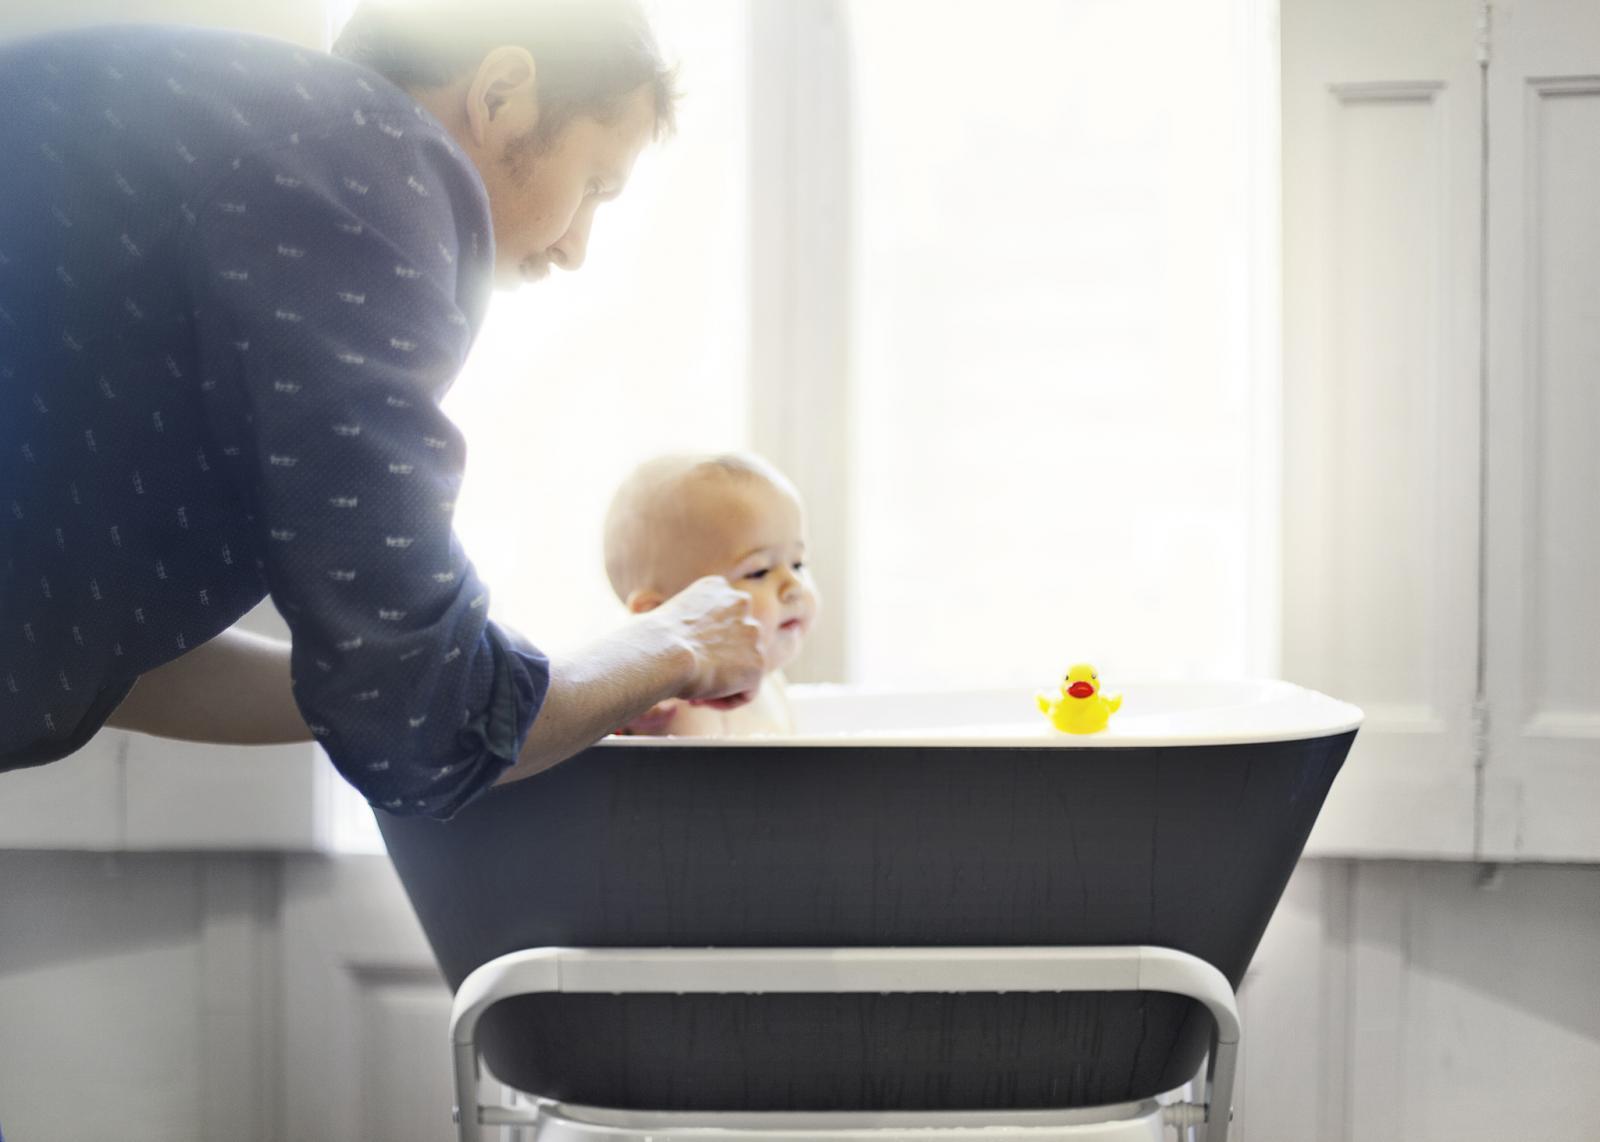 Kako biste izbjegli infekcije, nemojte bebu kupati u kadici s vodom!